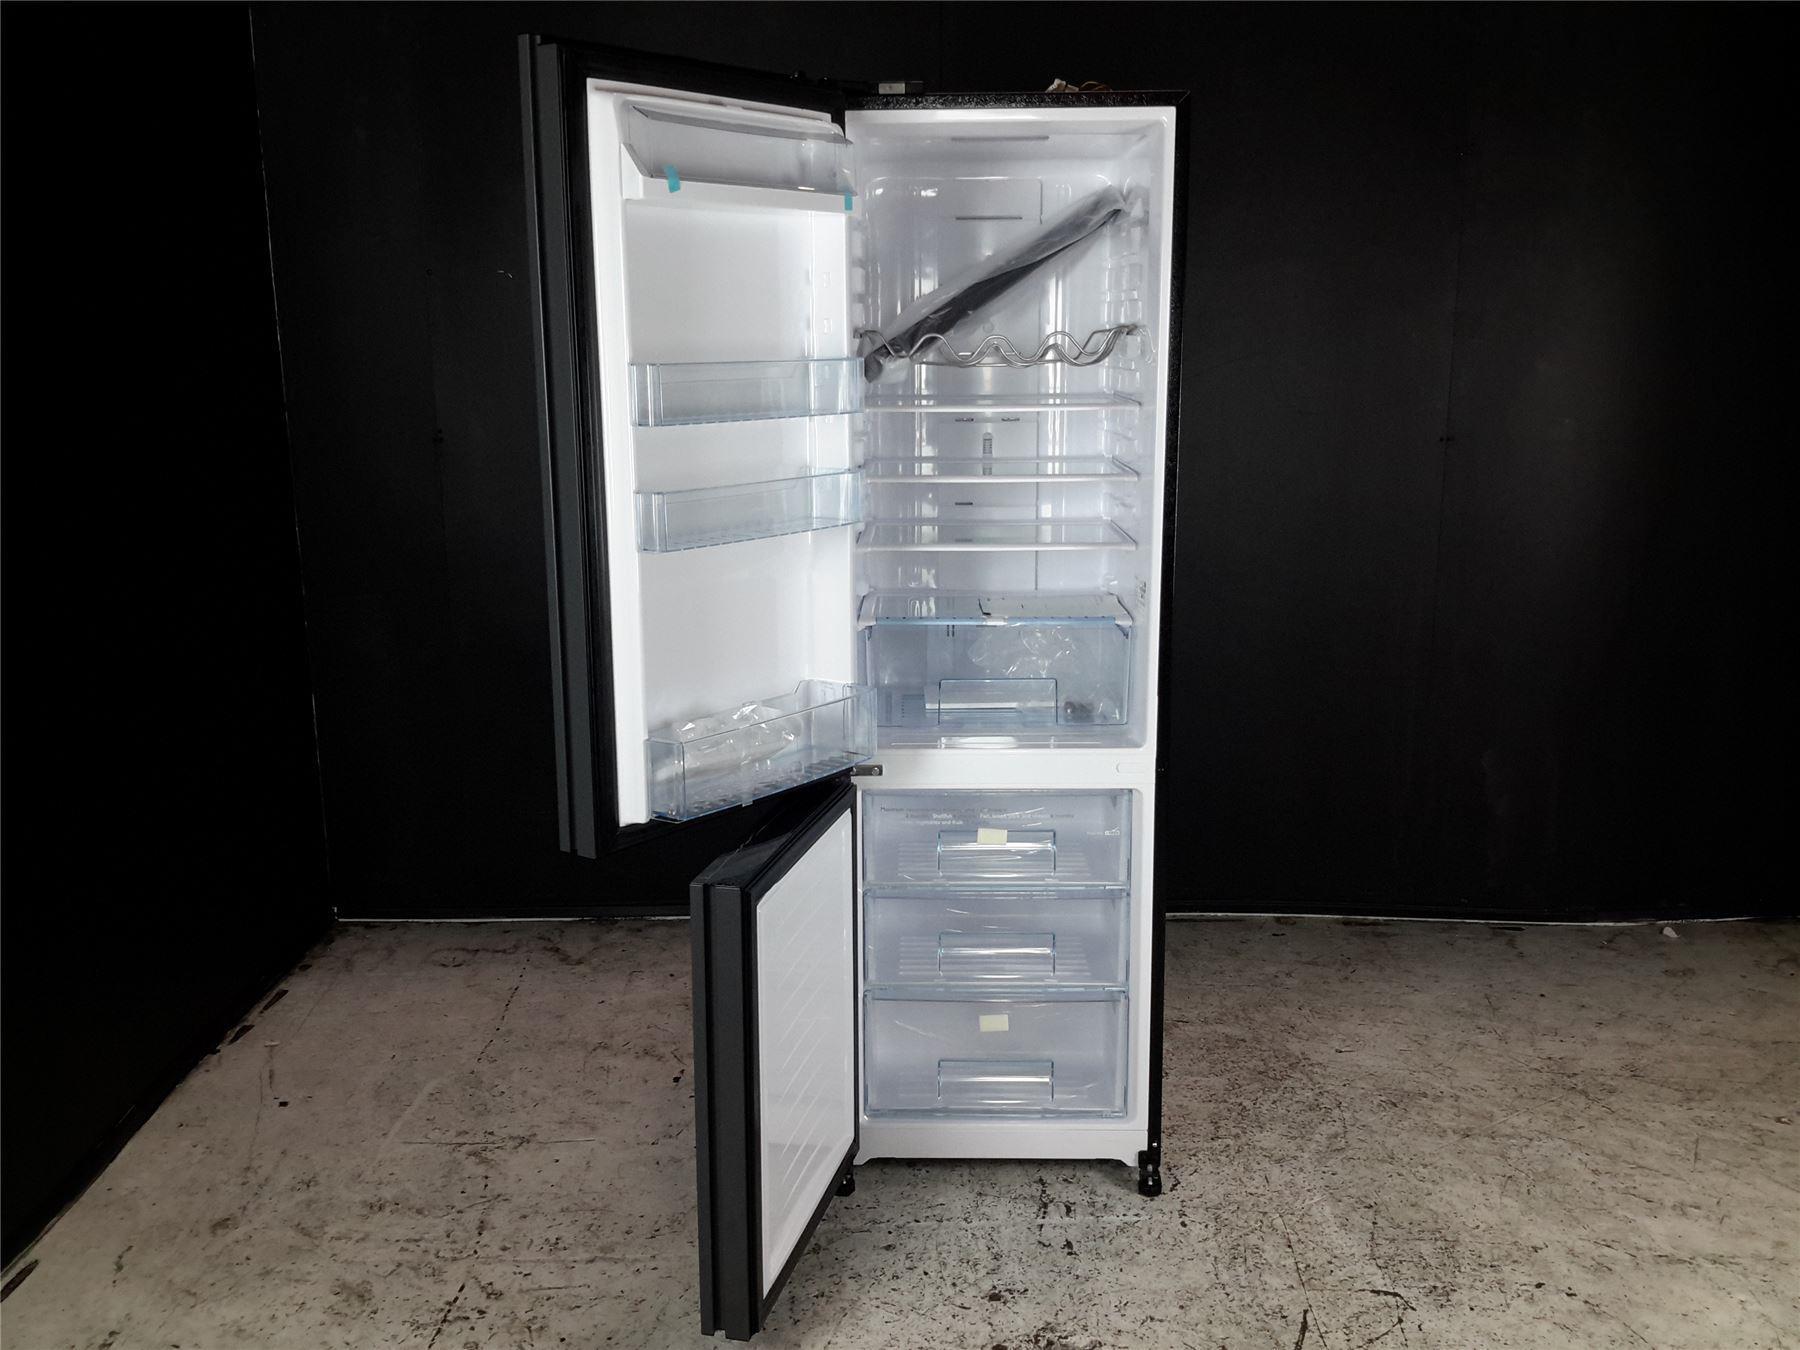 Jlfsbk2001 Fridge Freezer Black Glass Online Store